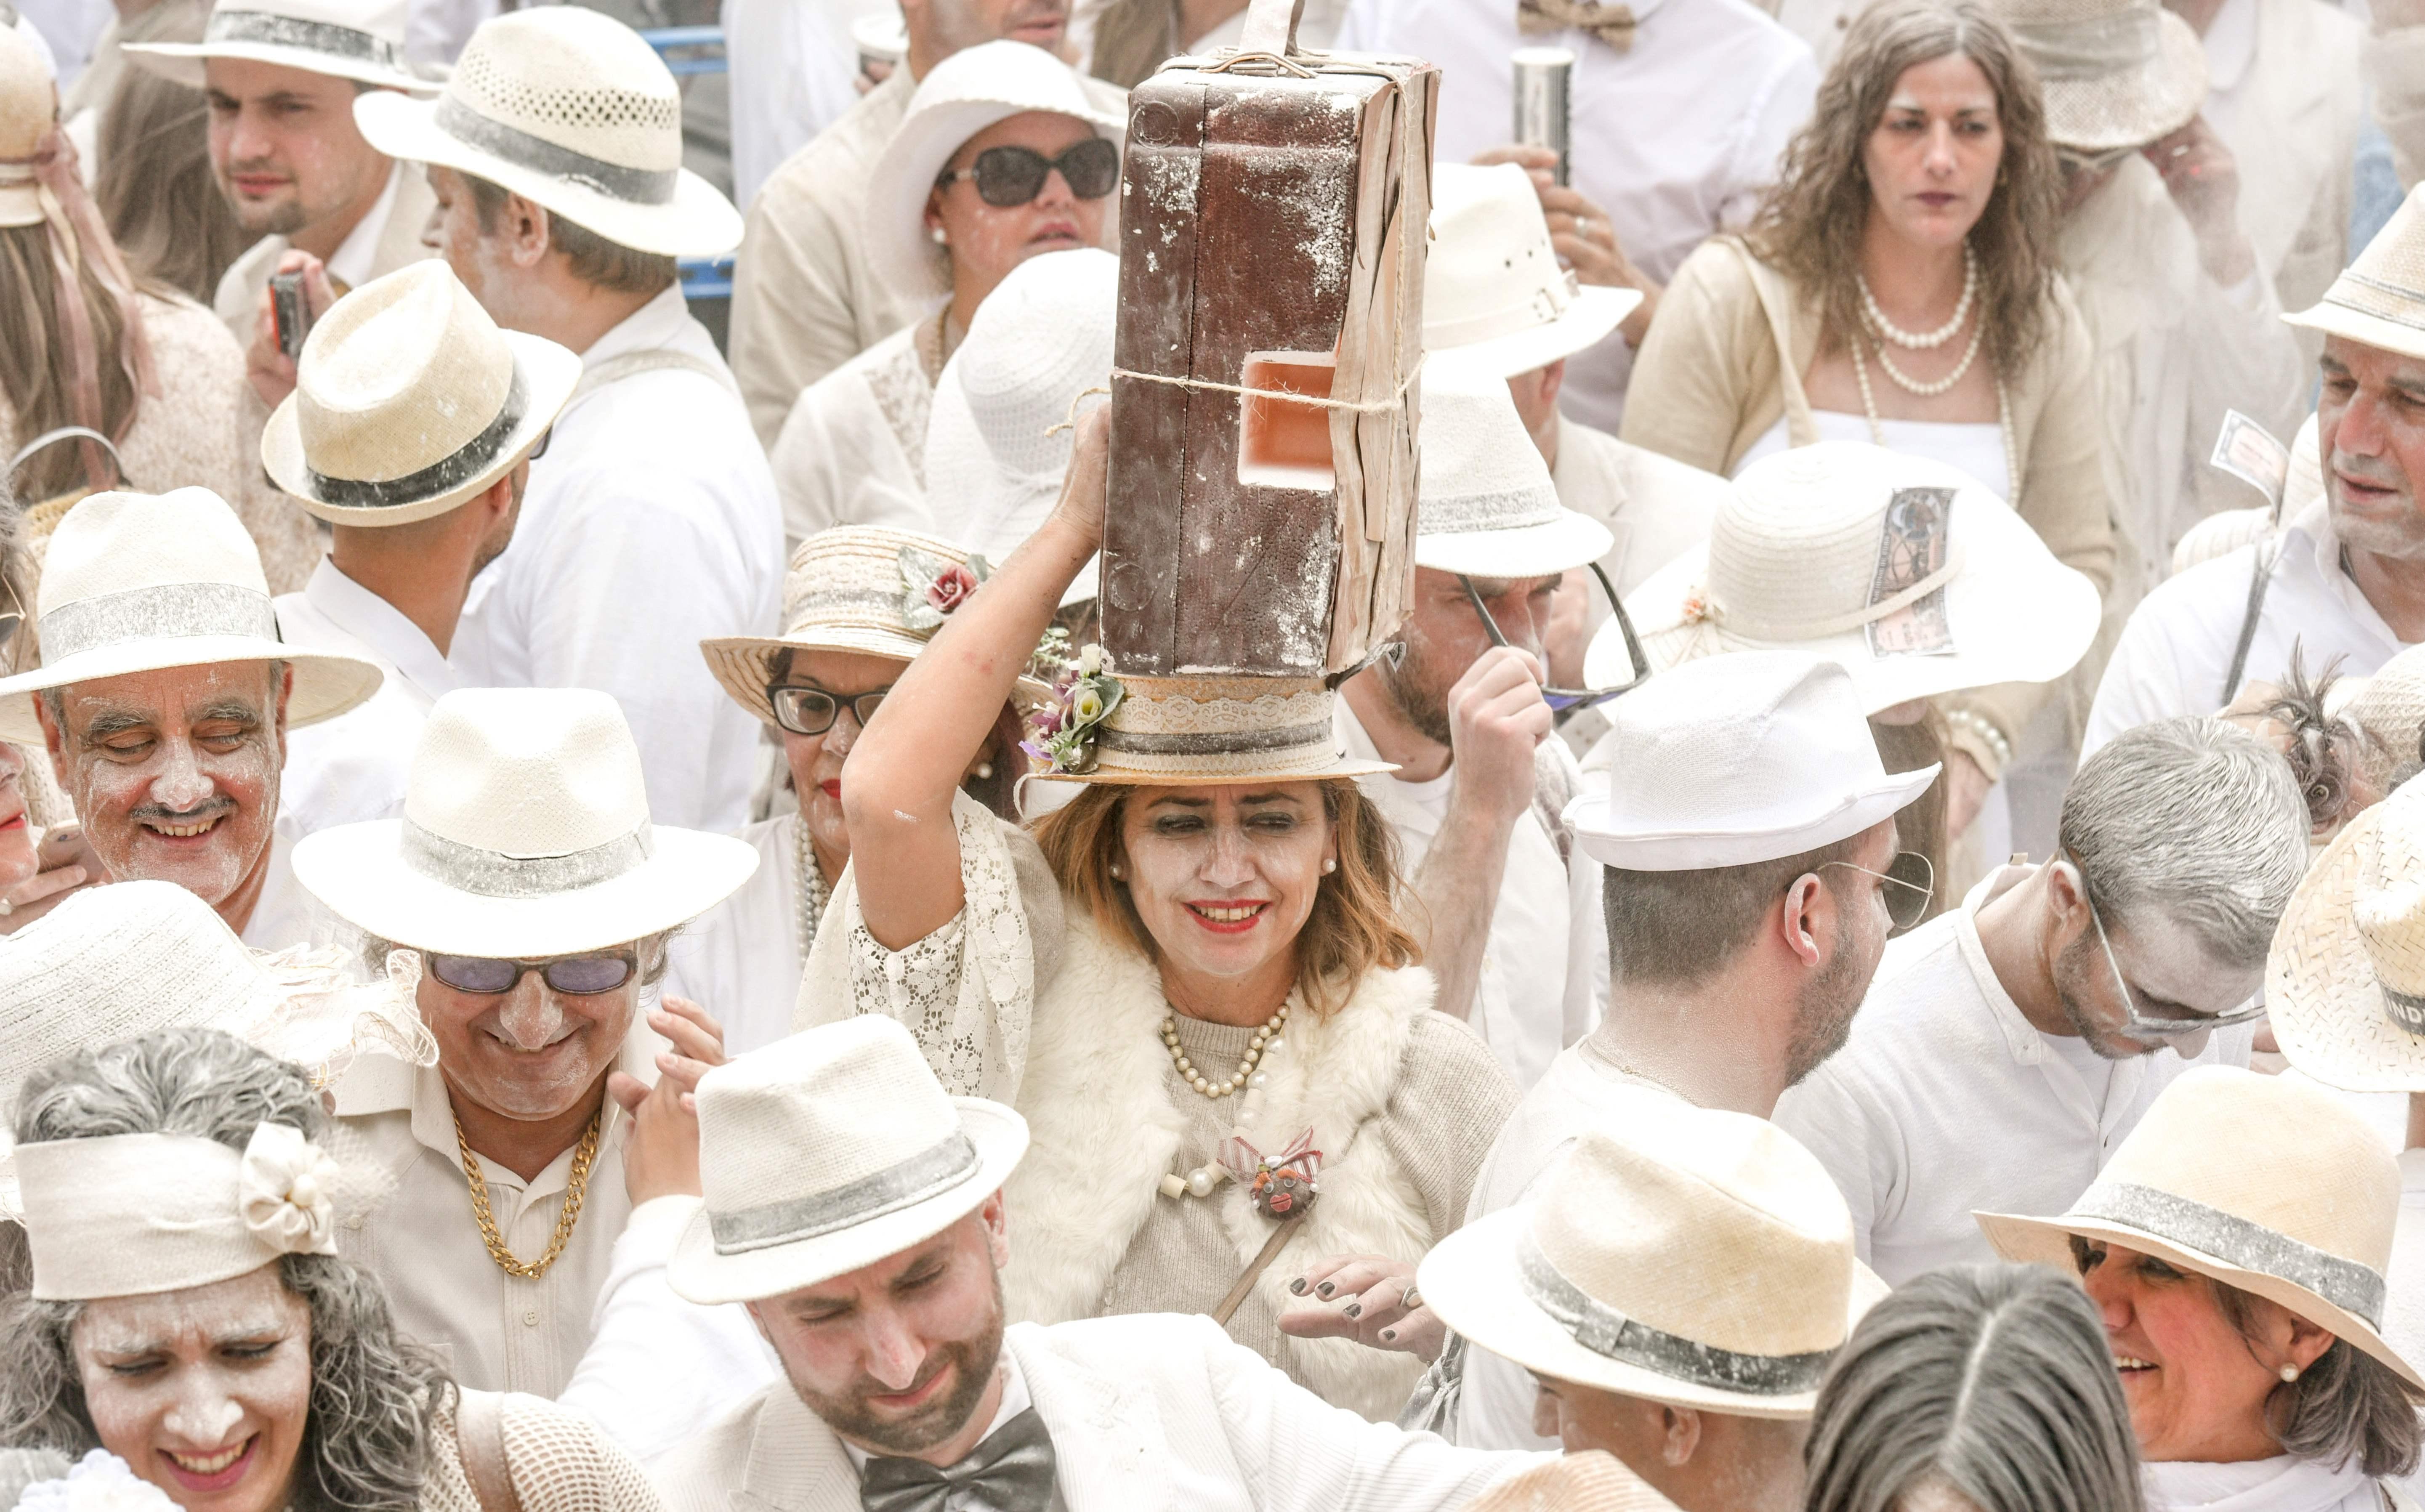 جانب من انطلاق مهرجان لوس انديانوس فى إسبانيا